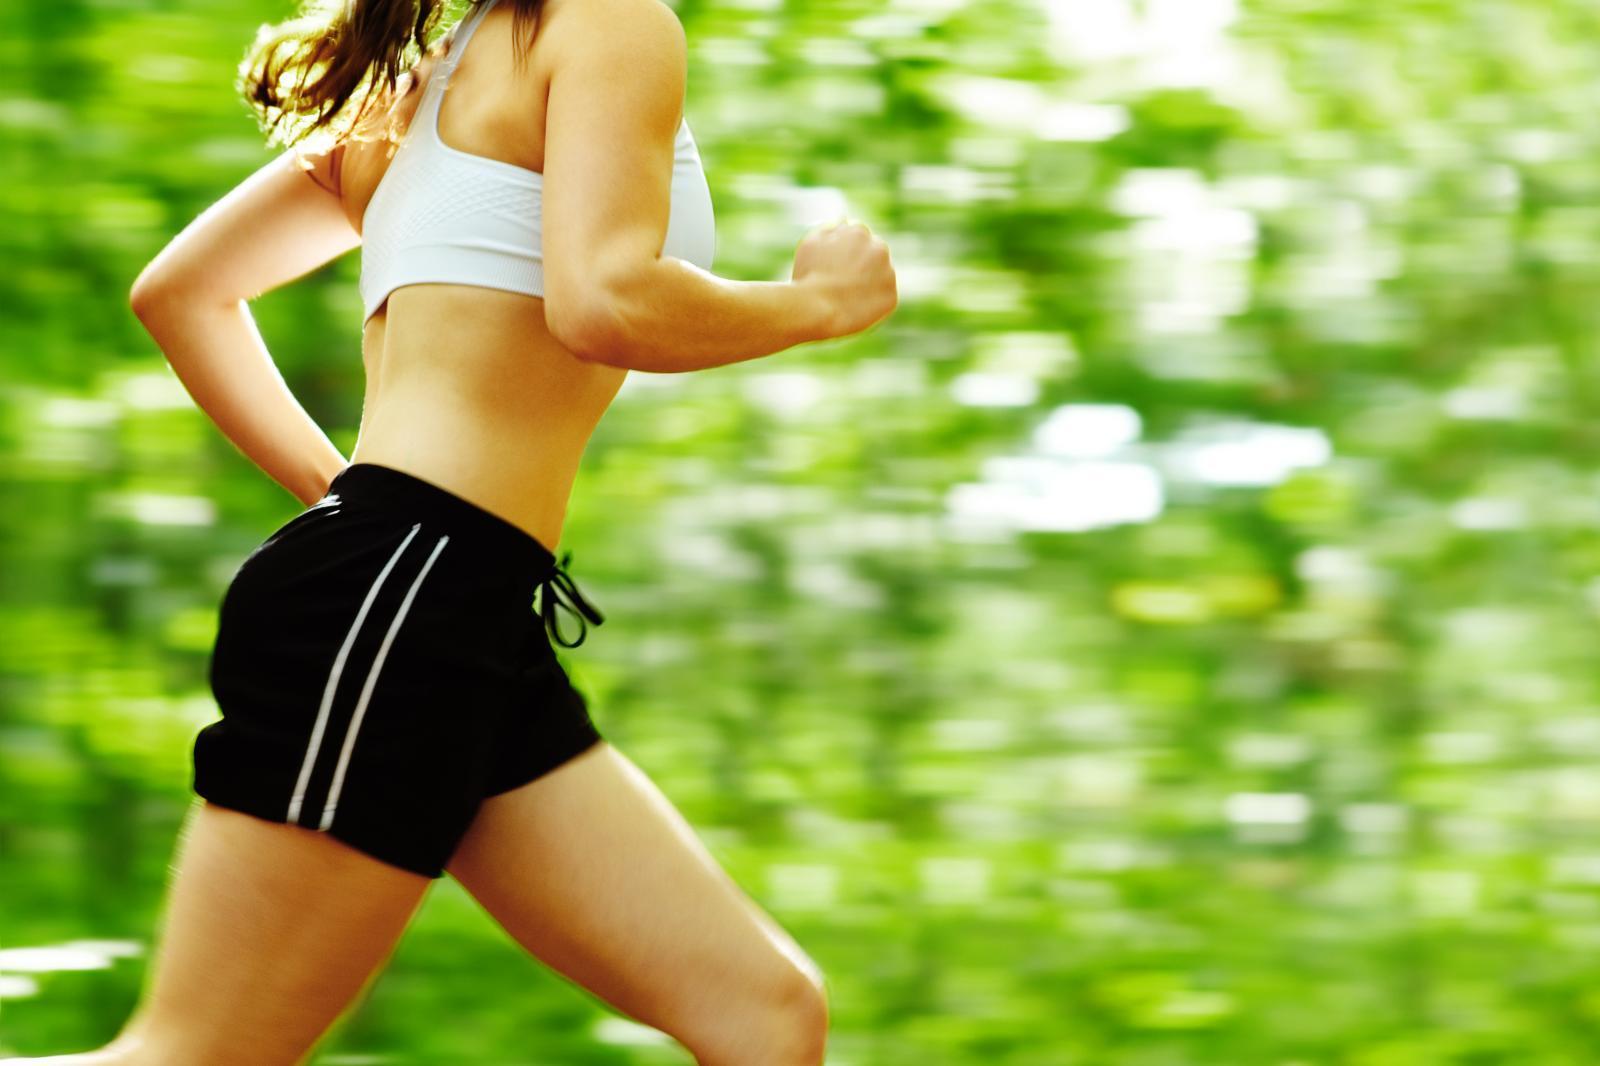 Sportovní sezóna je vplném proudu. Nenechte své svaly trpět